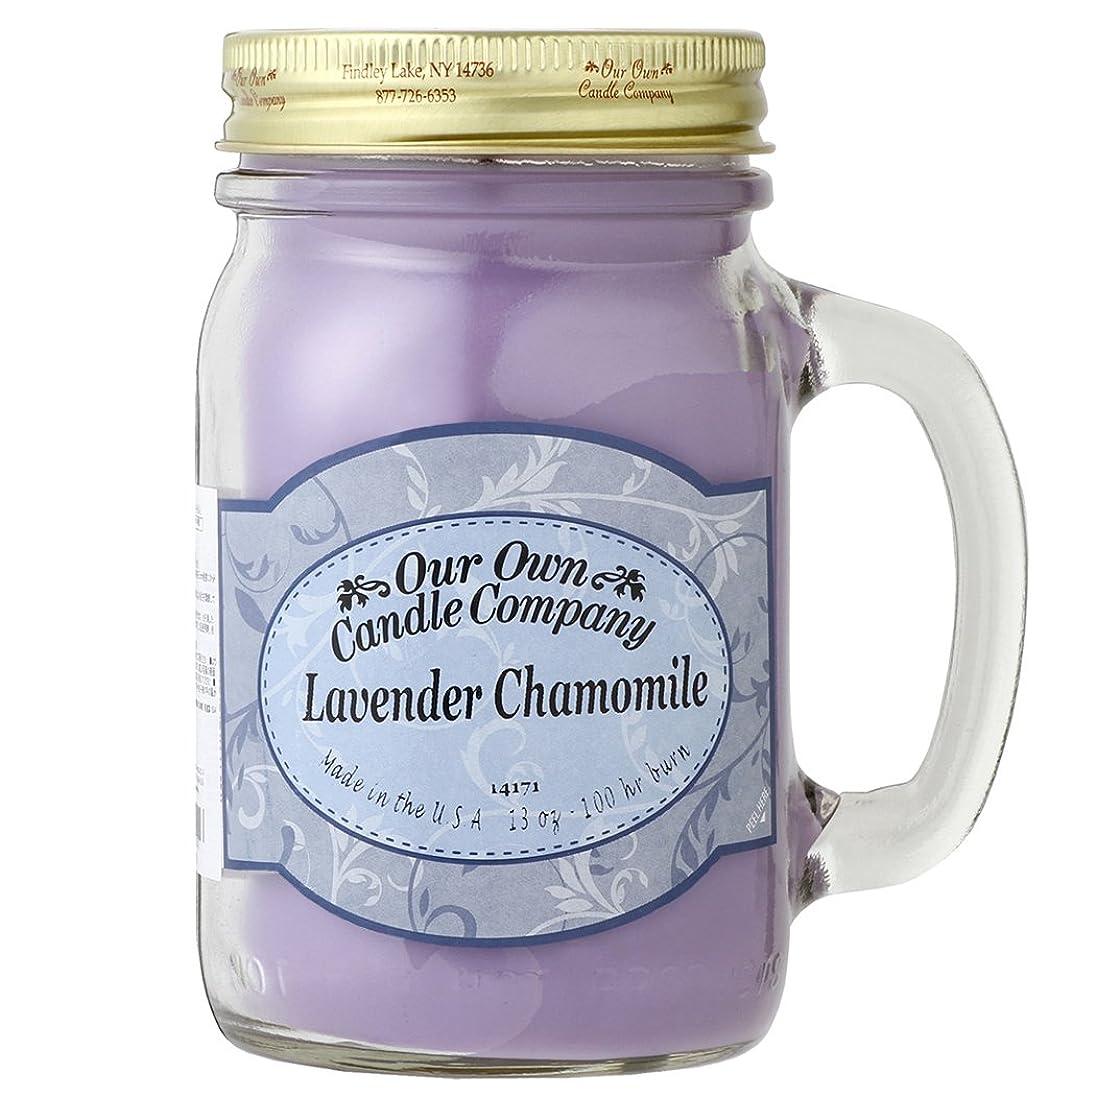 販売員修羅場中国Our Own Candle Company メイソンジャーキャンドル ラージサイズ ラベンダーカモミール OU100070